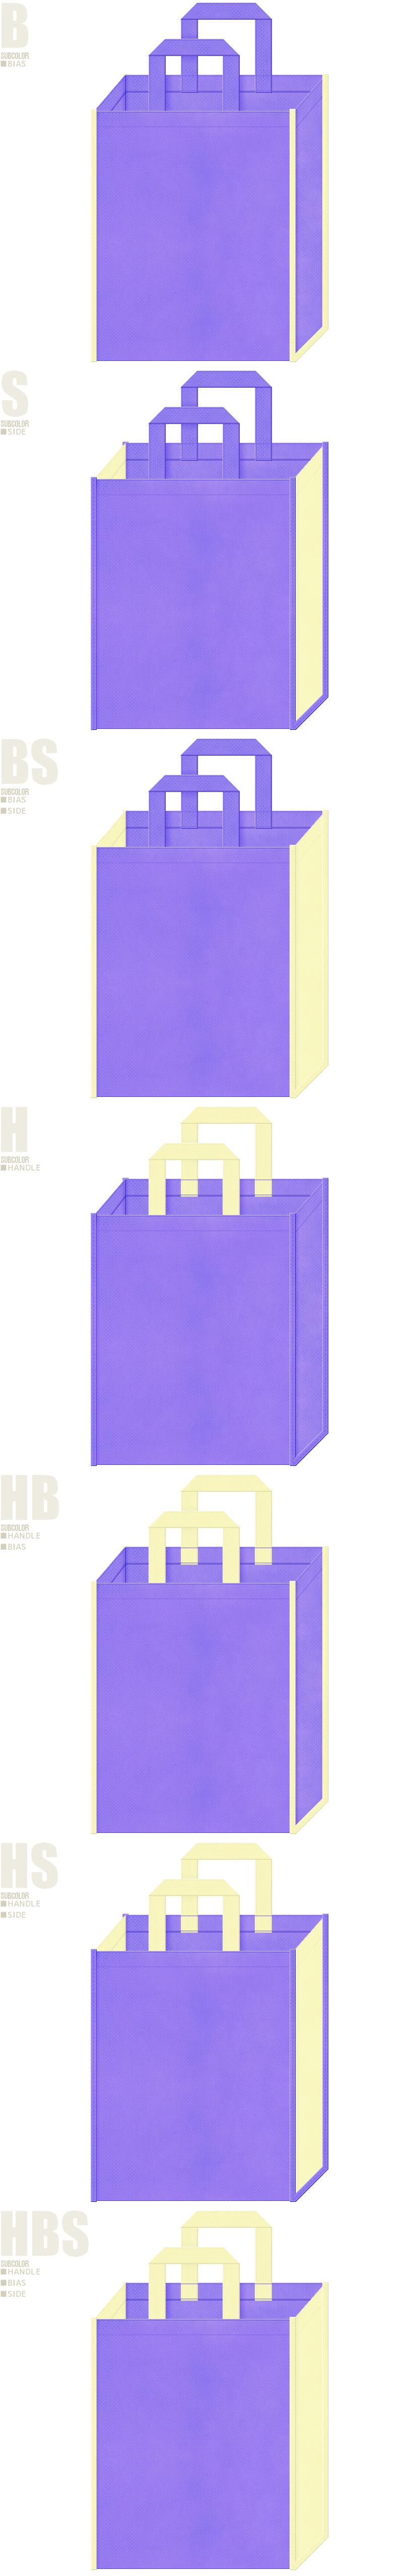 パステルカラー・ファンシー・星・ブリリアント・保育施設・福祉施設・介護施設にお奨めの不織布バッグデザイン:薄紫色と薄黄色の配色7パターン